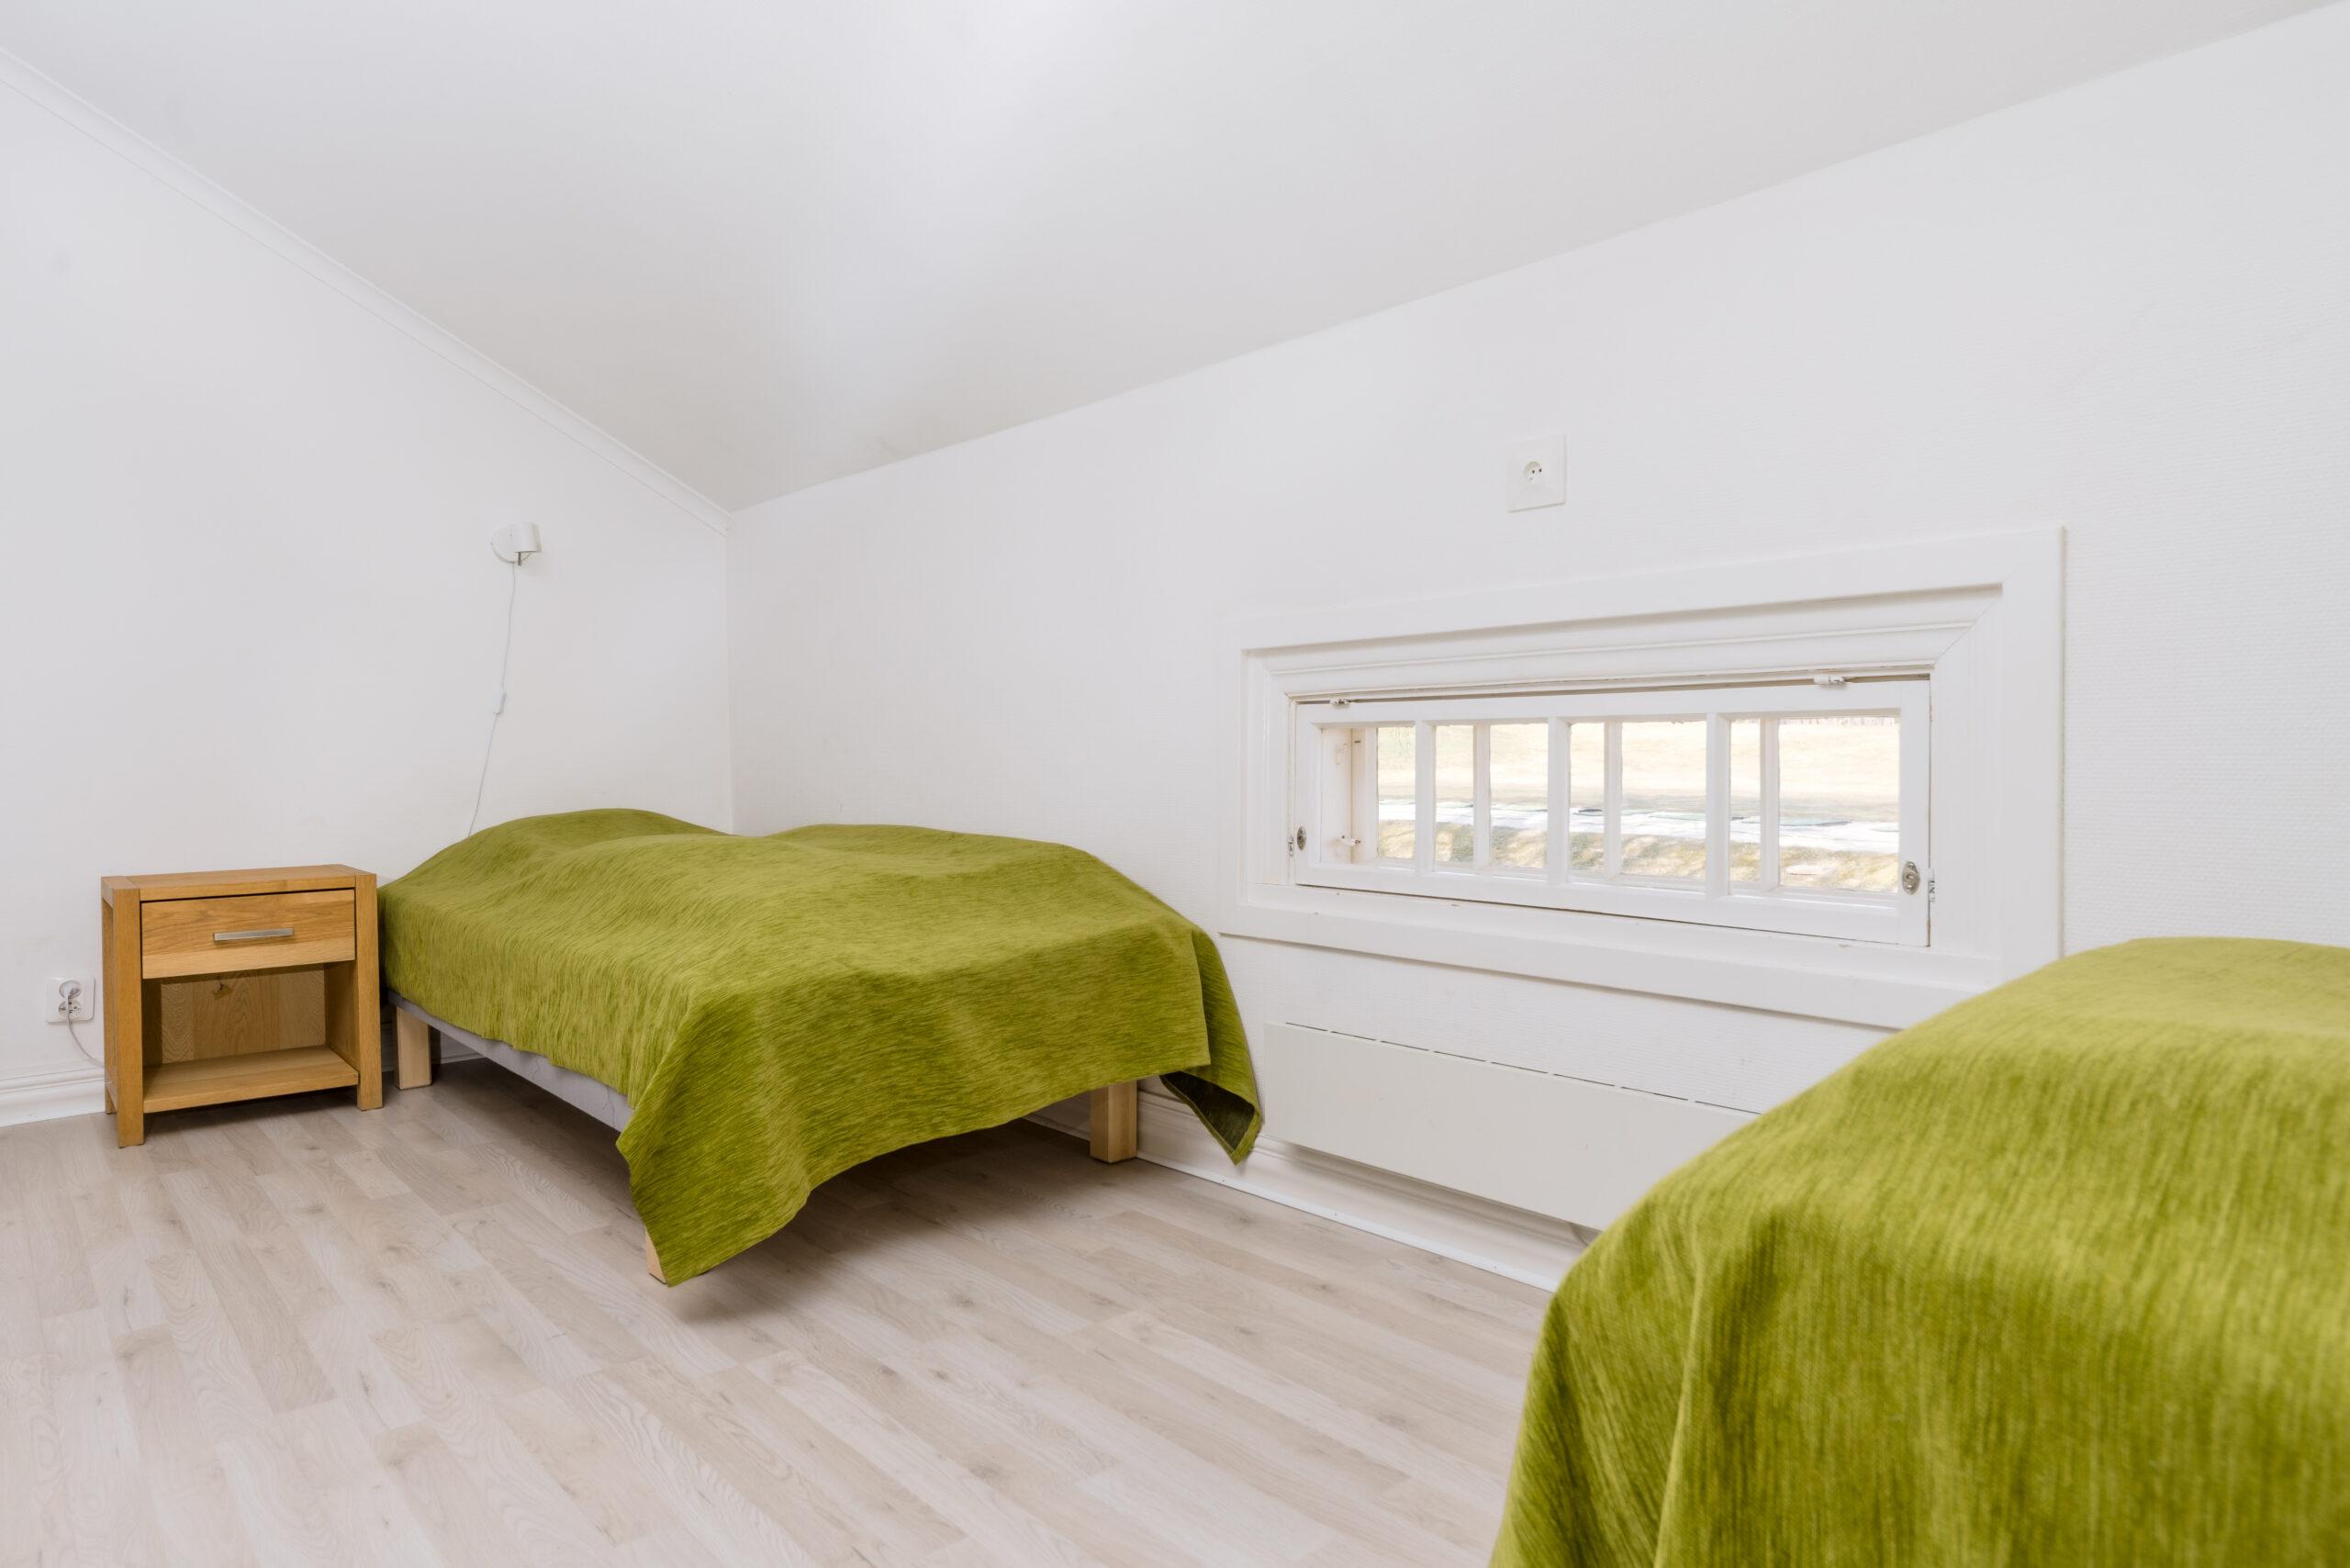 Sängar i vardagsrum gul lägenhet